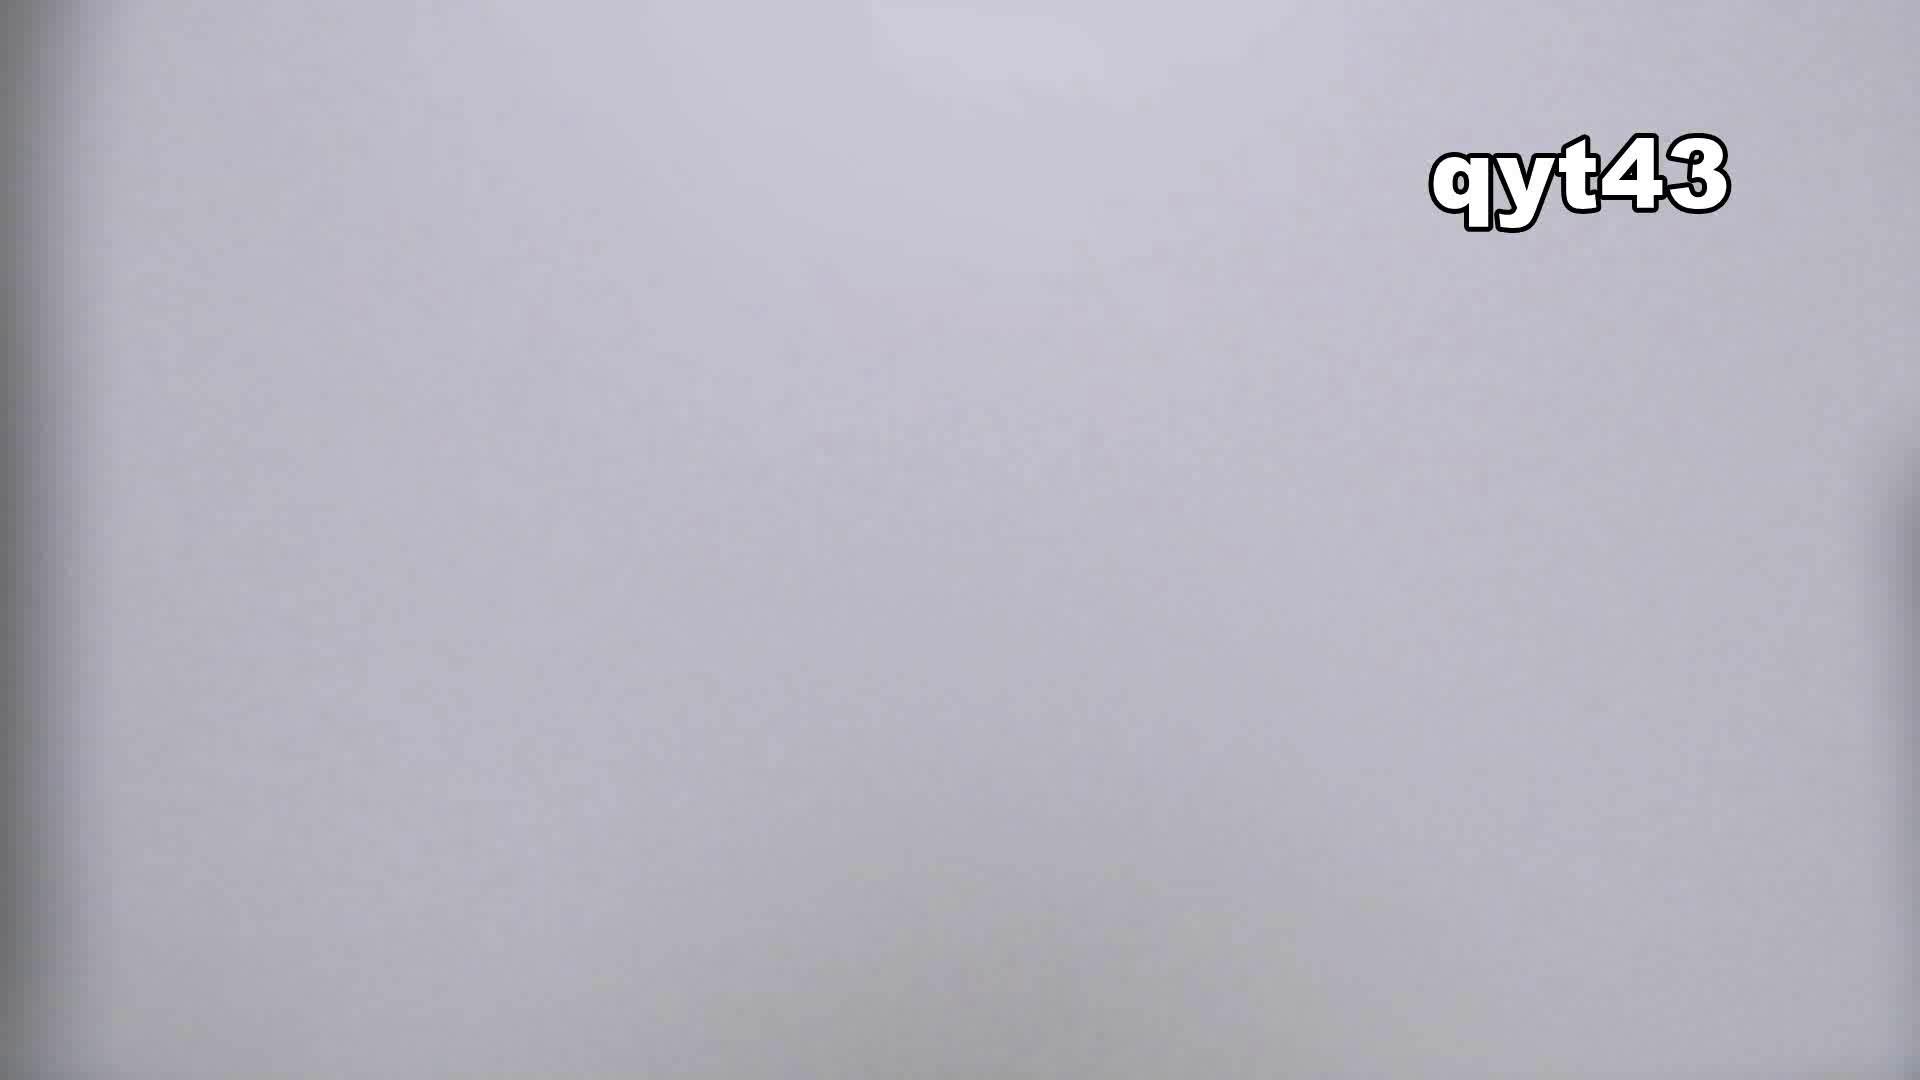 無修正エロ動画:お銀さんの「洗面所突入レポート!!」 vol.43 ちょろっとさん:怪盗ジョーカー